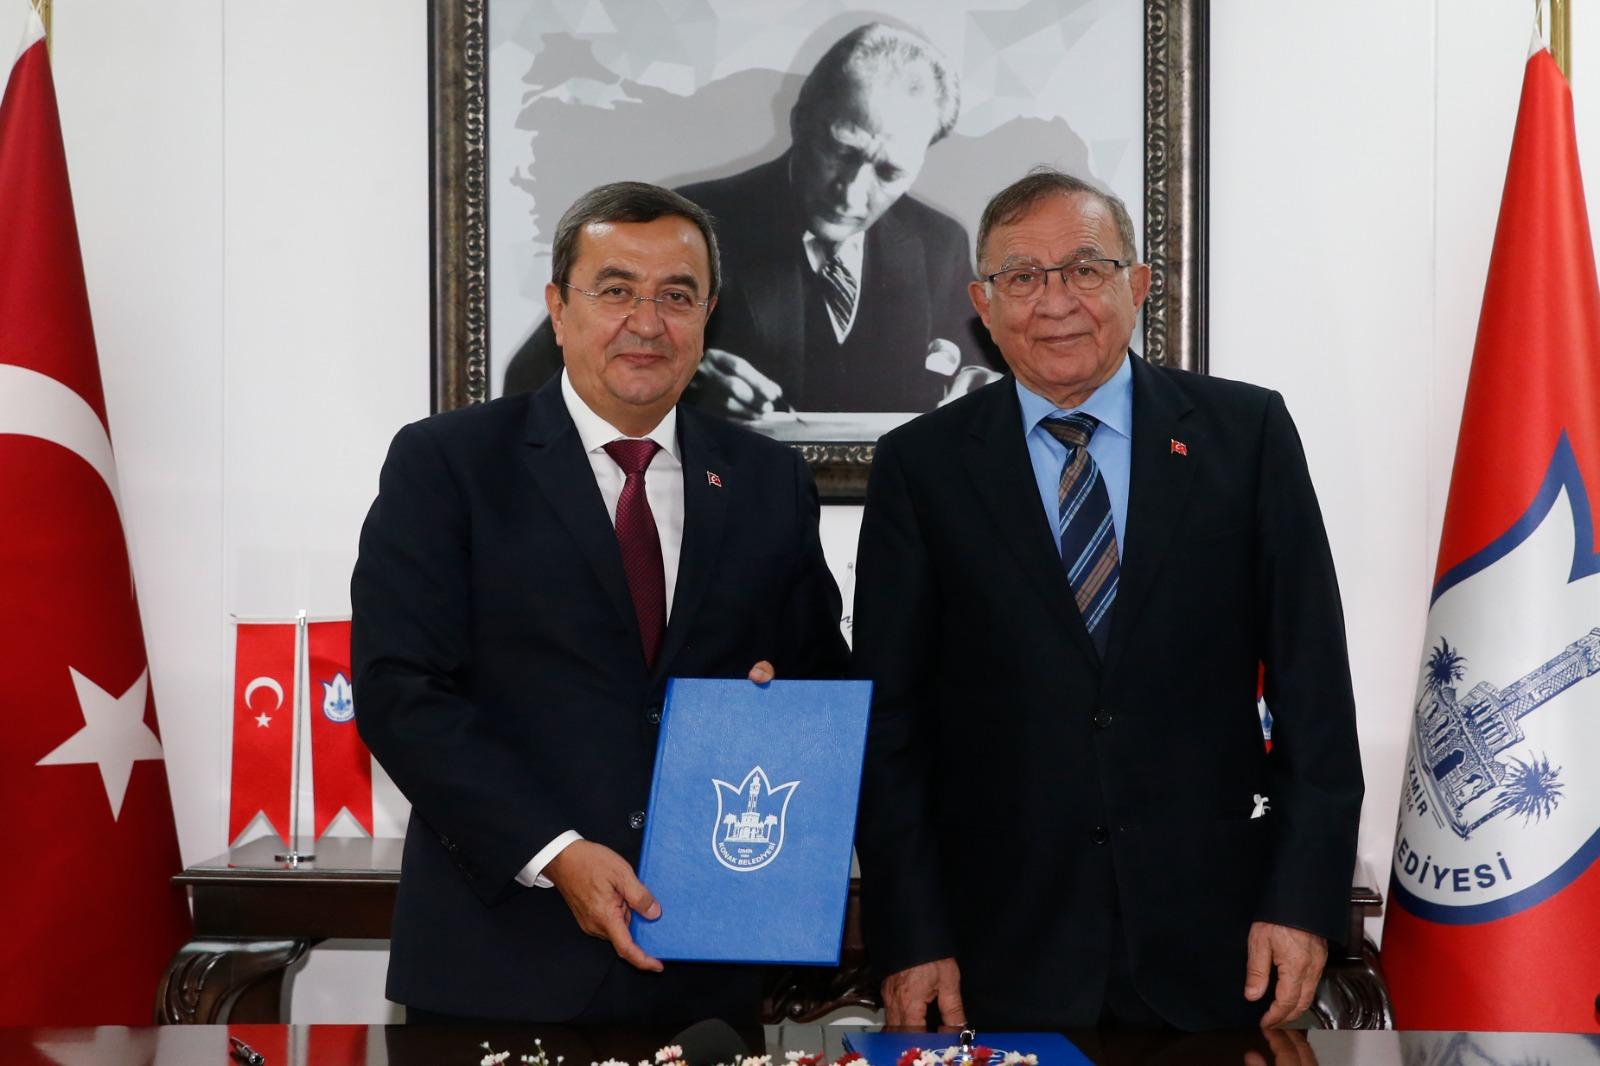 Konak Belediyesi ve Adana Seyhan Belediyesi kardeş şehir oldu